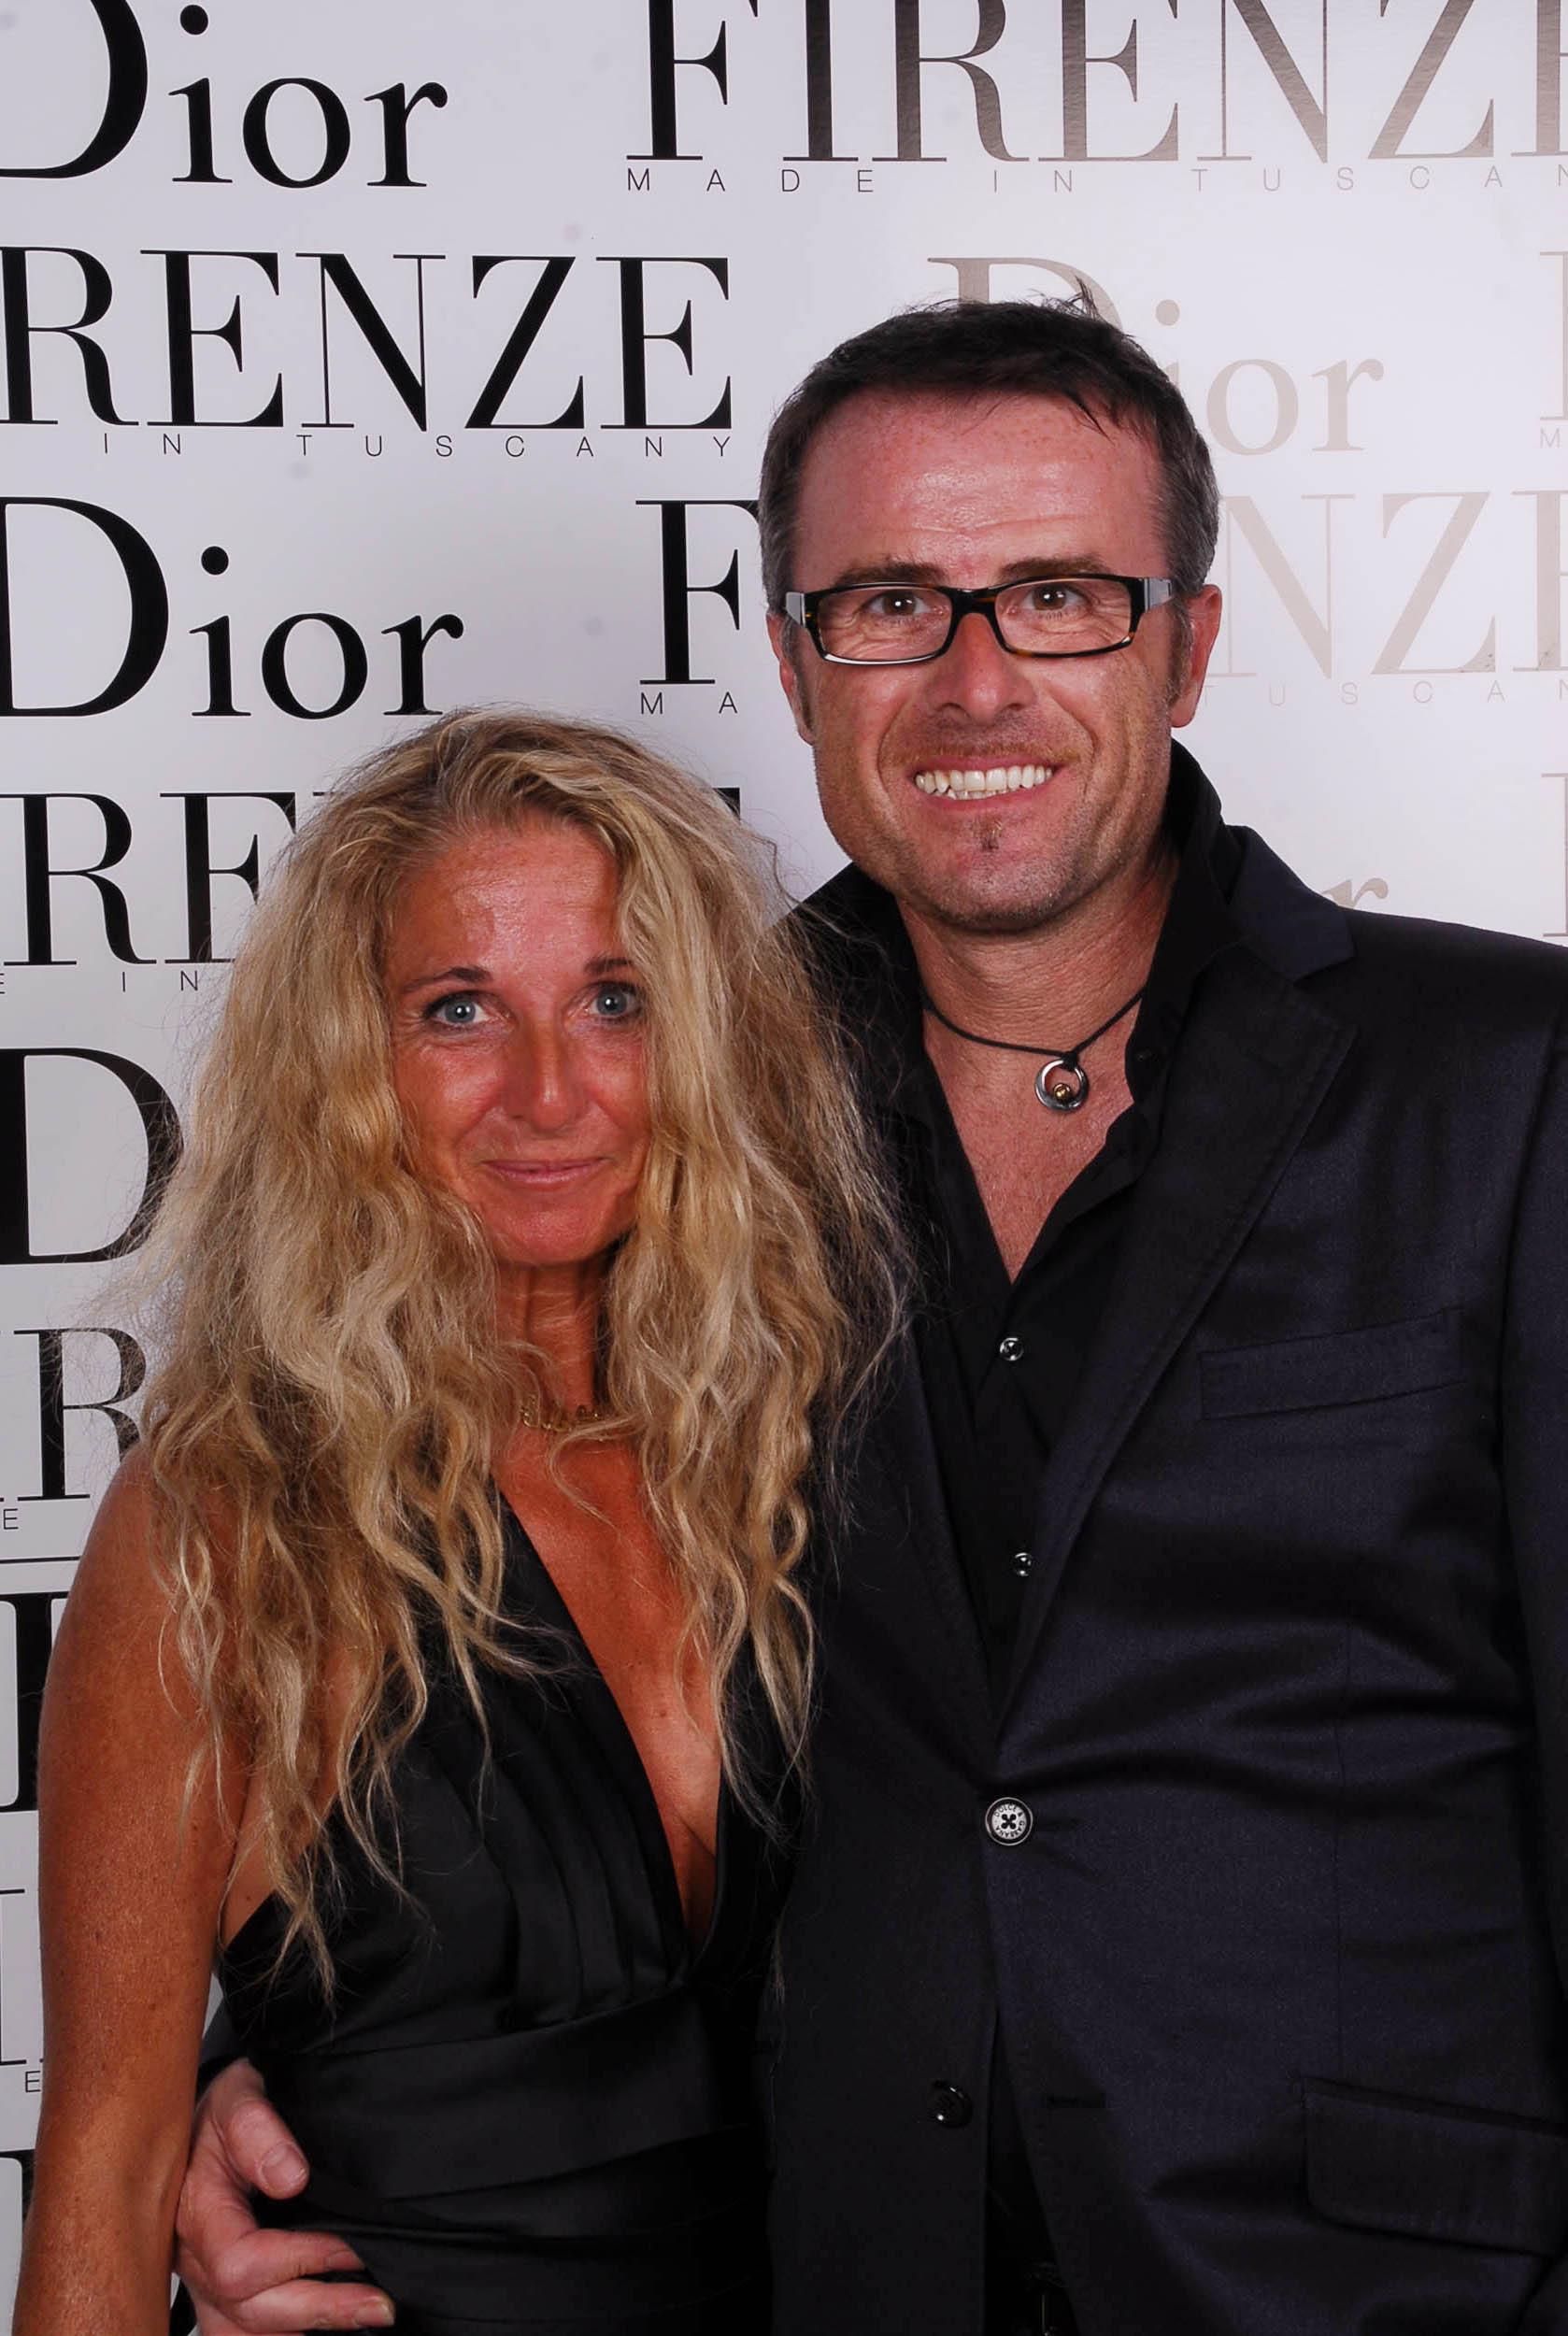 PRESSPHOTO  Firenze, evento Dior al teatro romano di Fiesole. Nella foto Sibilla Morozzi e Fabrizio Ferrini